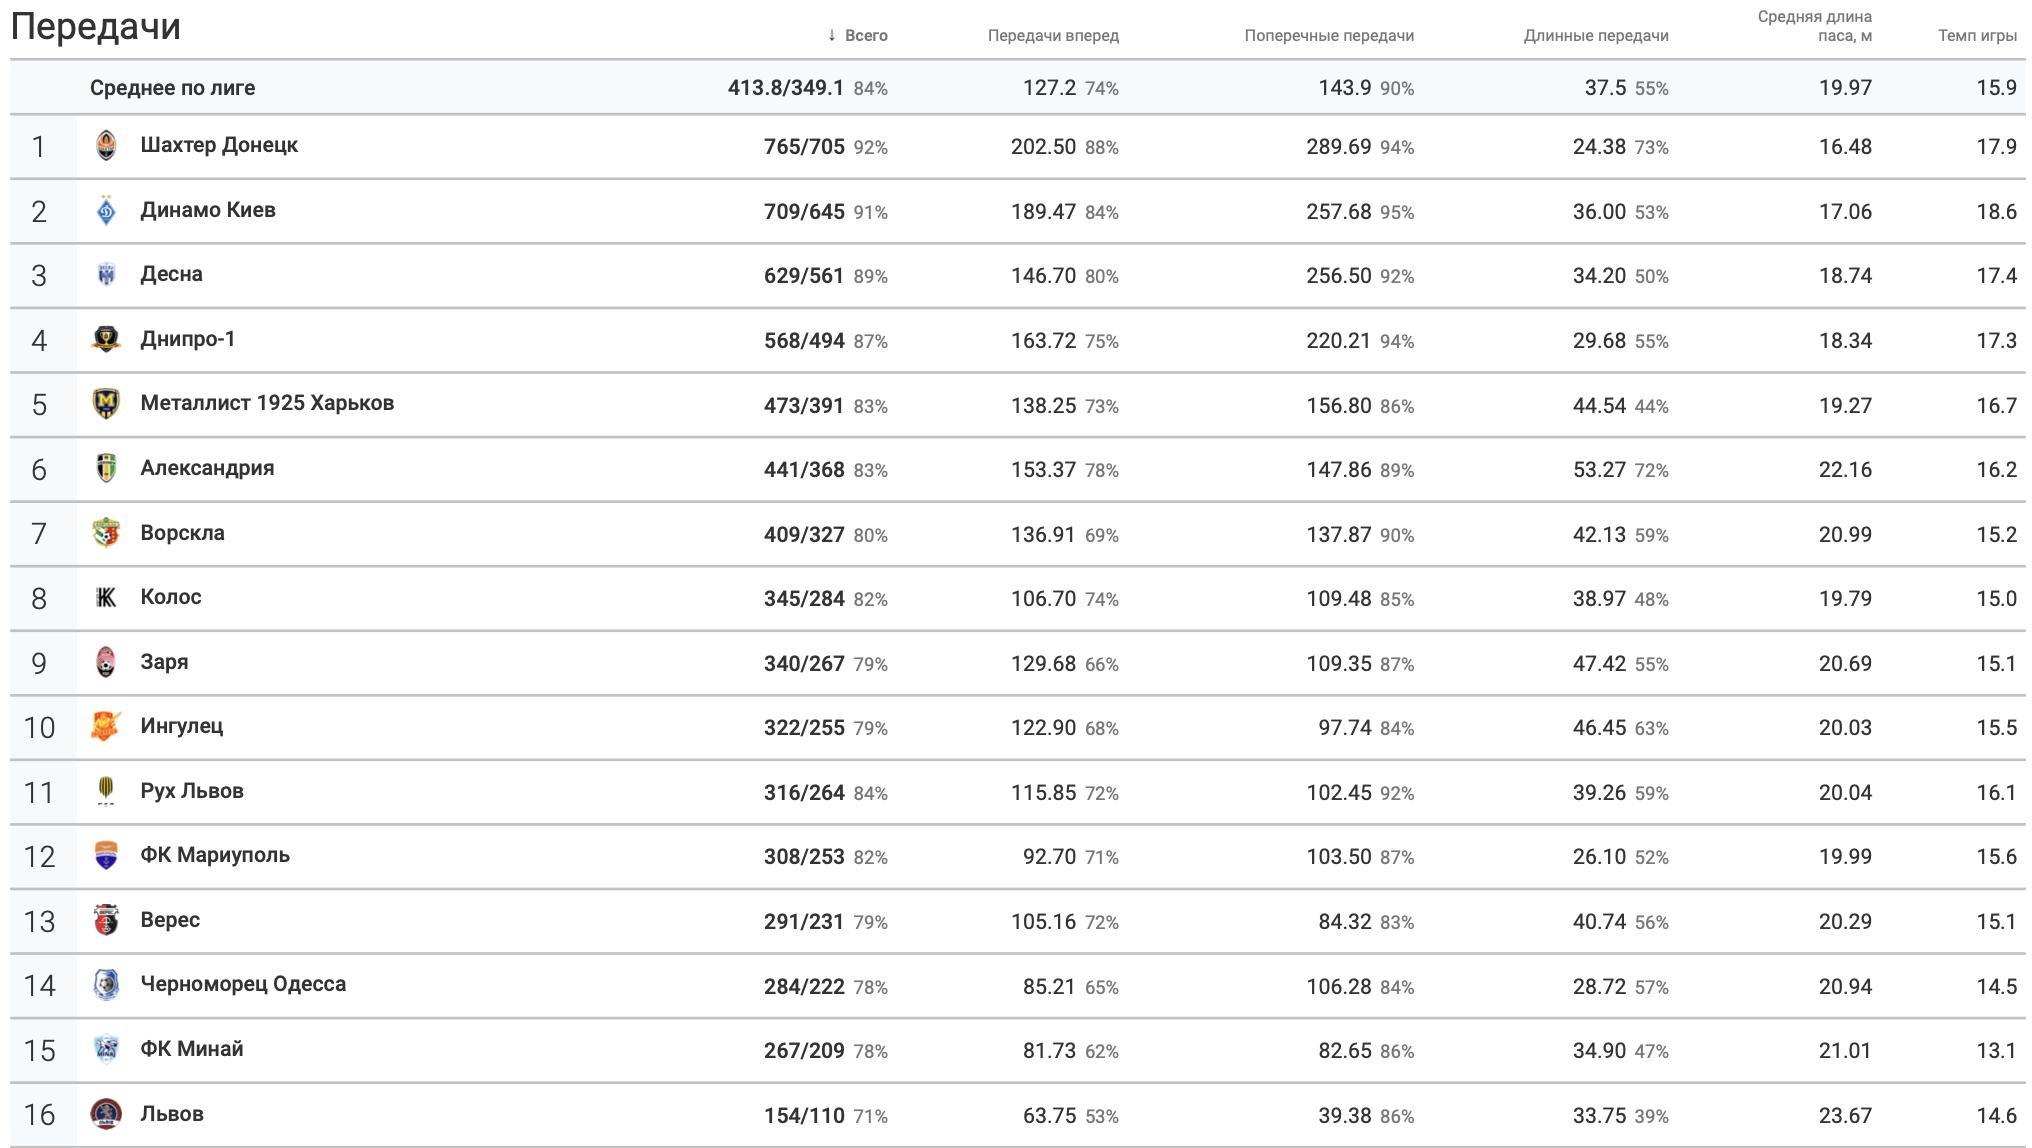 """2-й тур УПЛ: """"Шахтер"""" вновь отдал больше всех передач, Шапаренко - лучший по этому показателю среди игроков - изображение 1"""